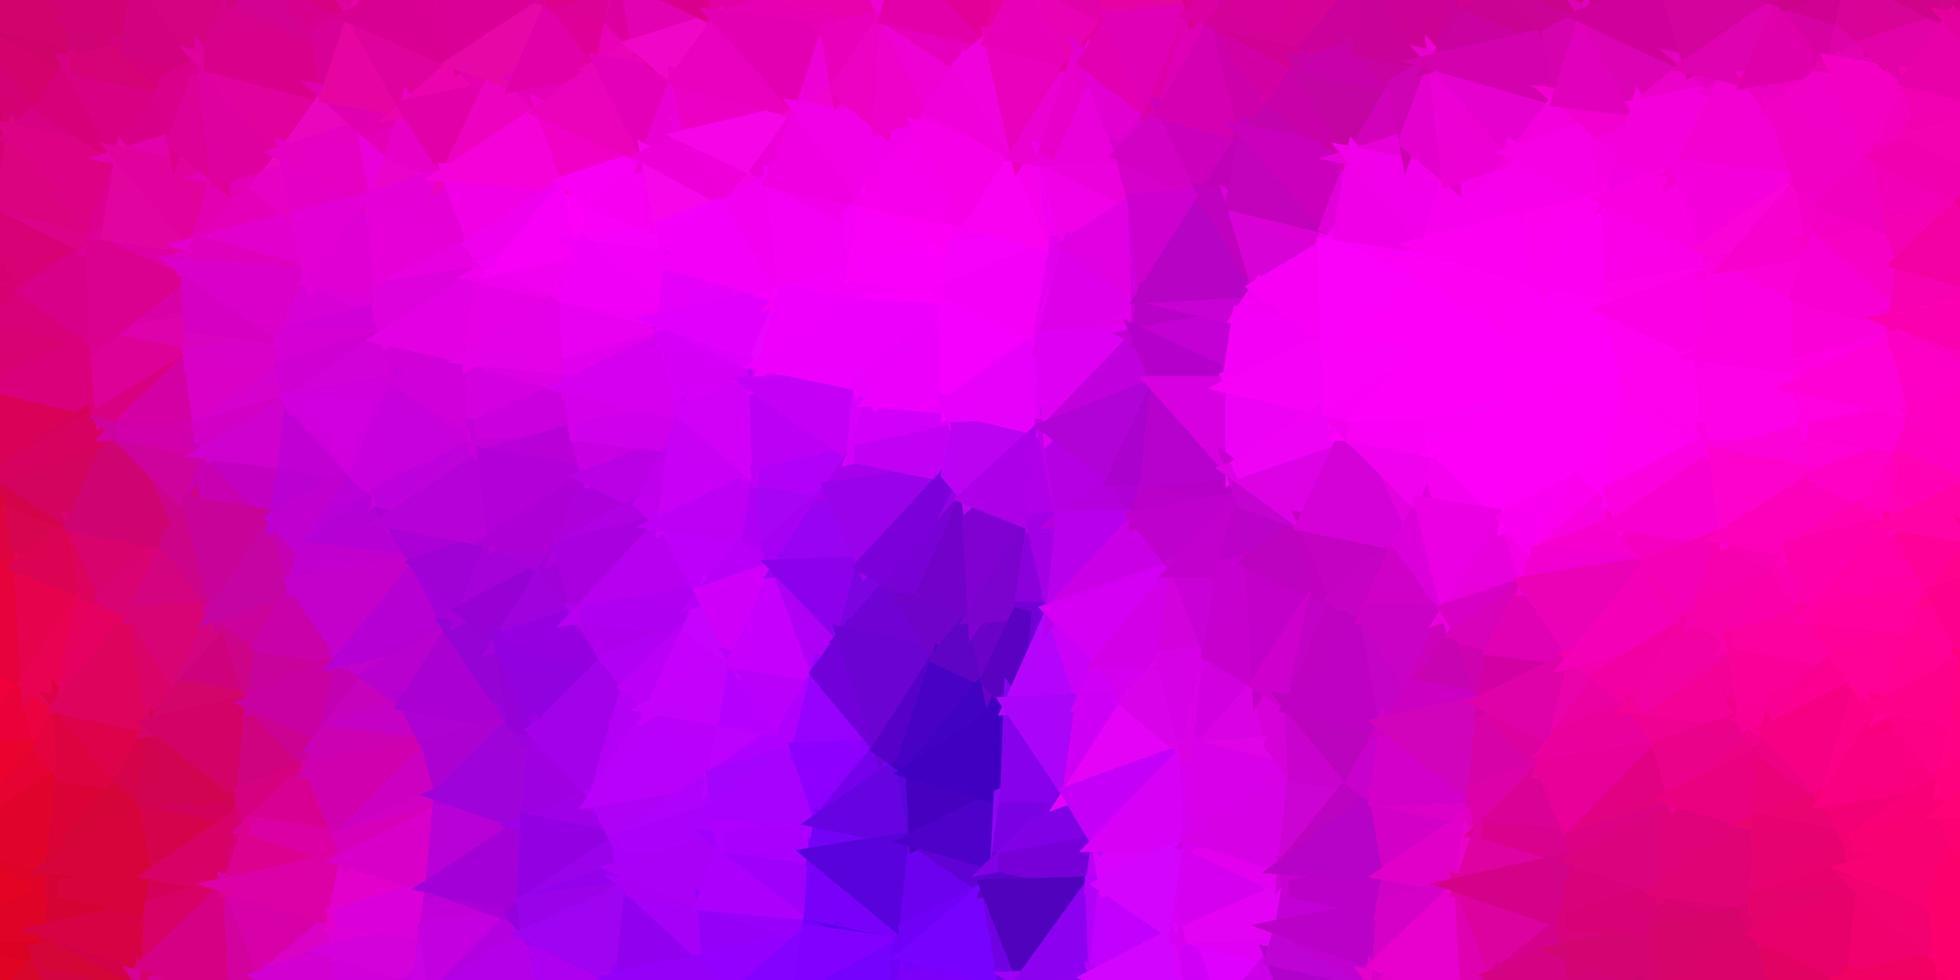 desenho poligonal geométrico de vetor rosa e vermelho escuro.